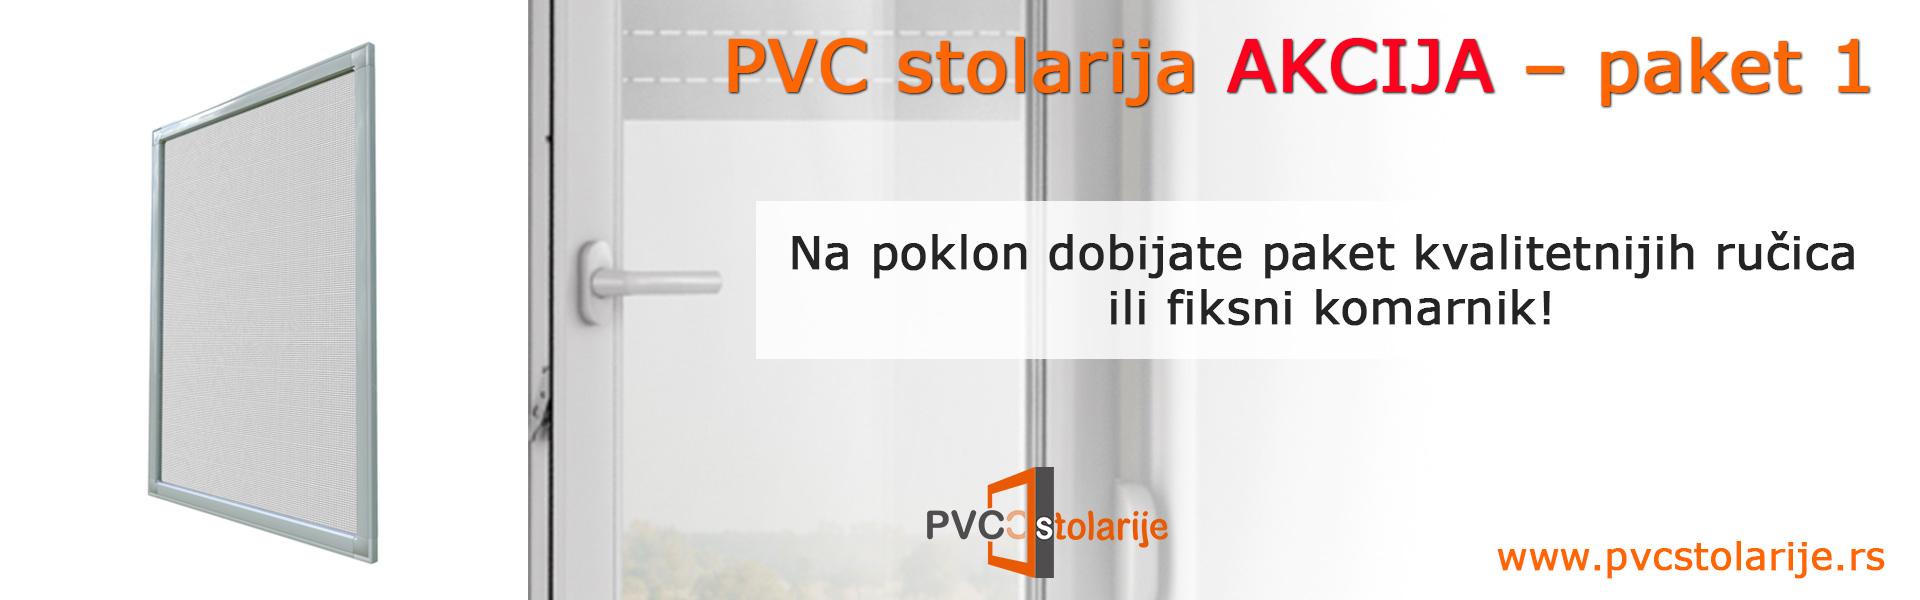 PVC stolarija akcija – paket 1 - PVC Stolarije Tim